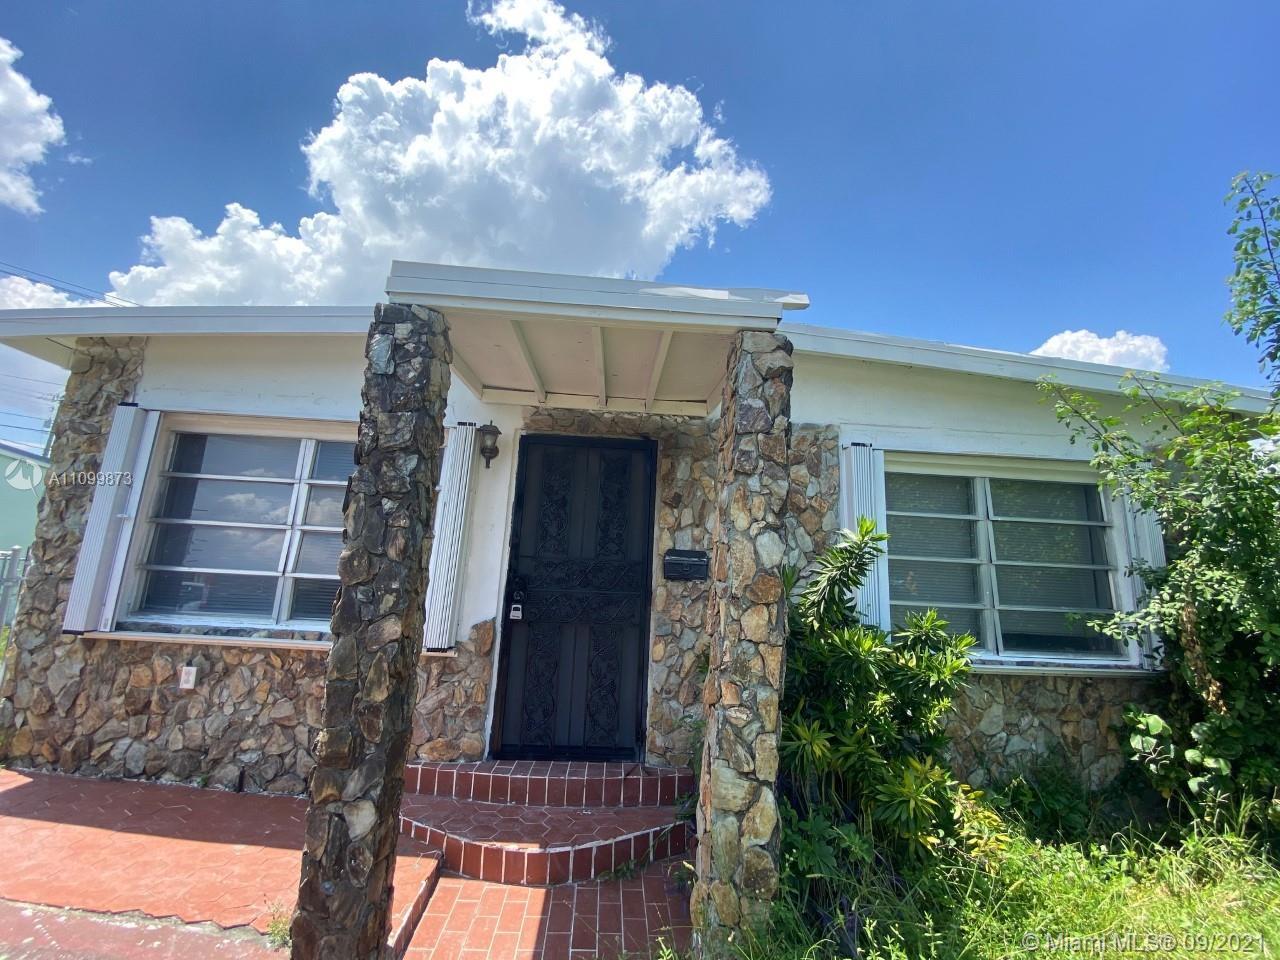 Single Family Home,For Rent,2171 Rutland St, Opa-Locka, Florida 33054,Brickell,realty,broker,condos near me